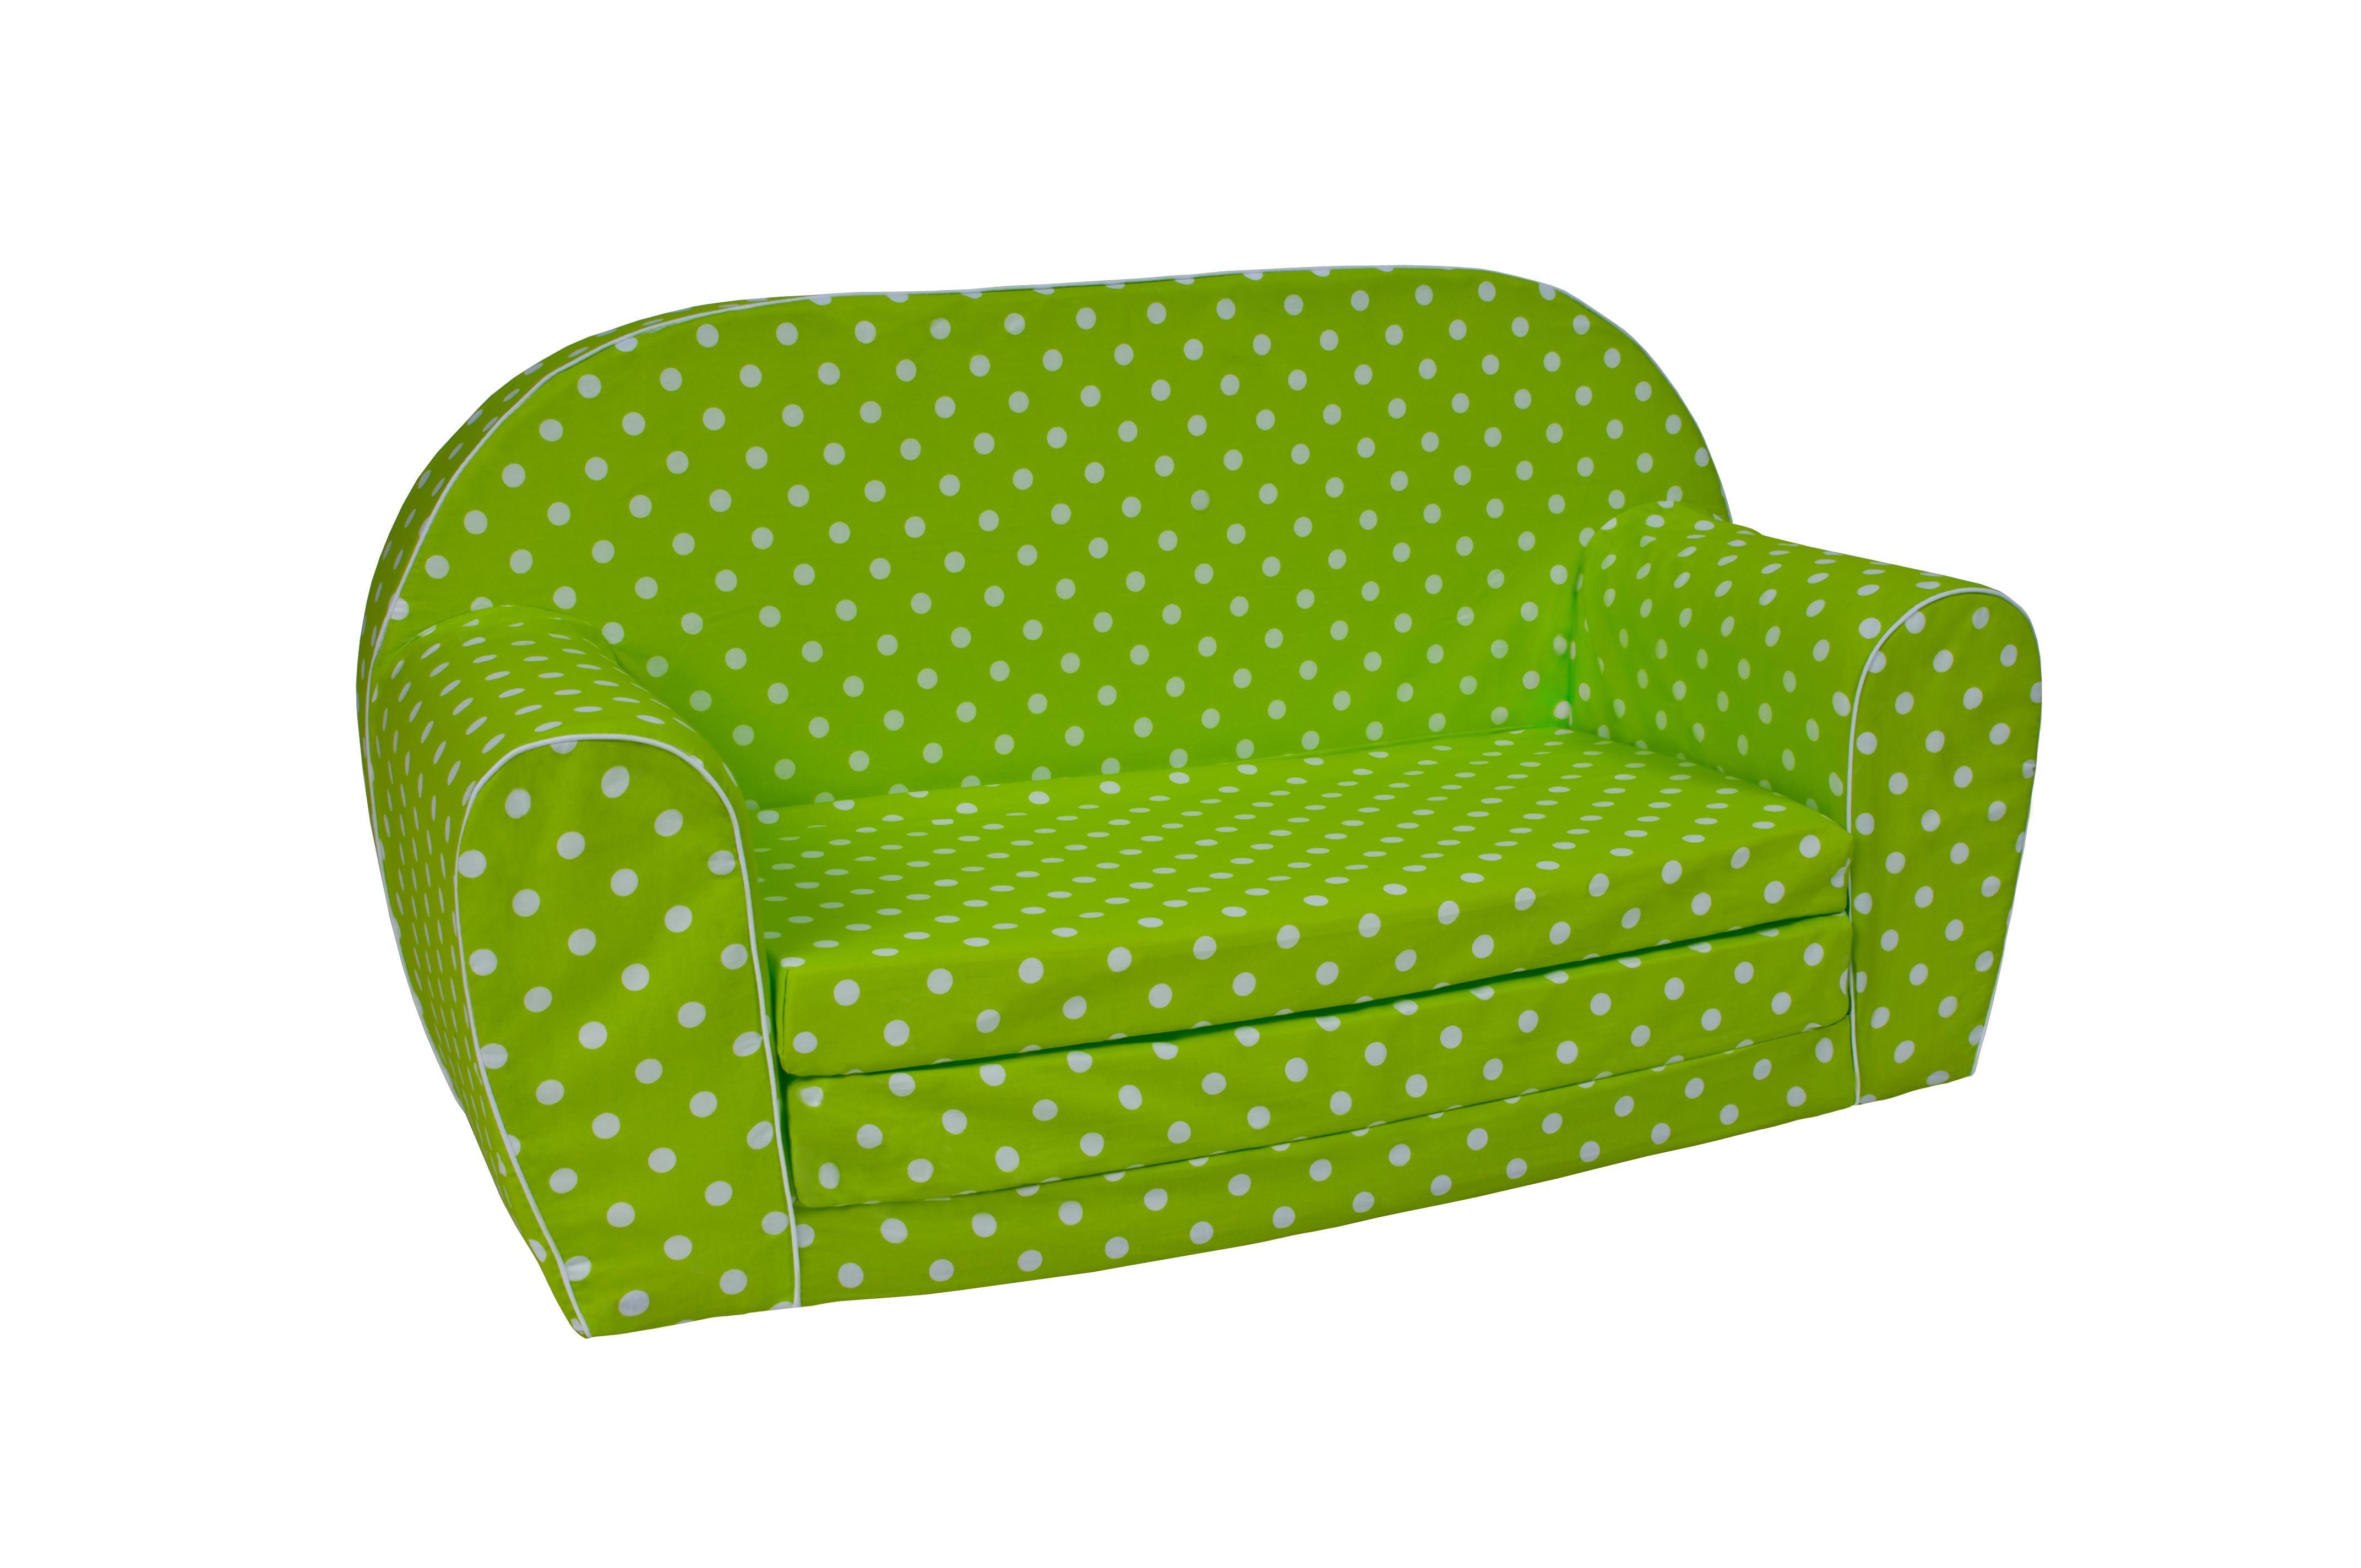 MAXMAX Detská rozkladacia MINI pohovka bodky - zelená